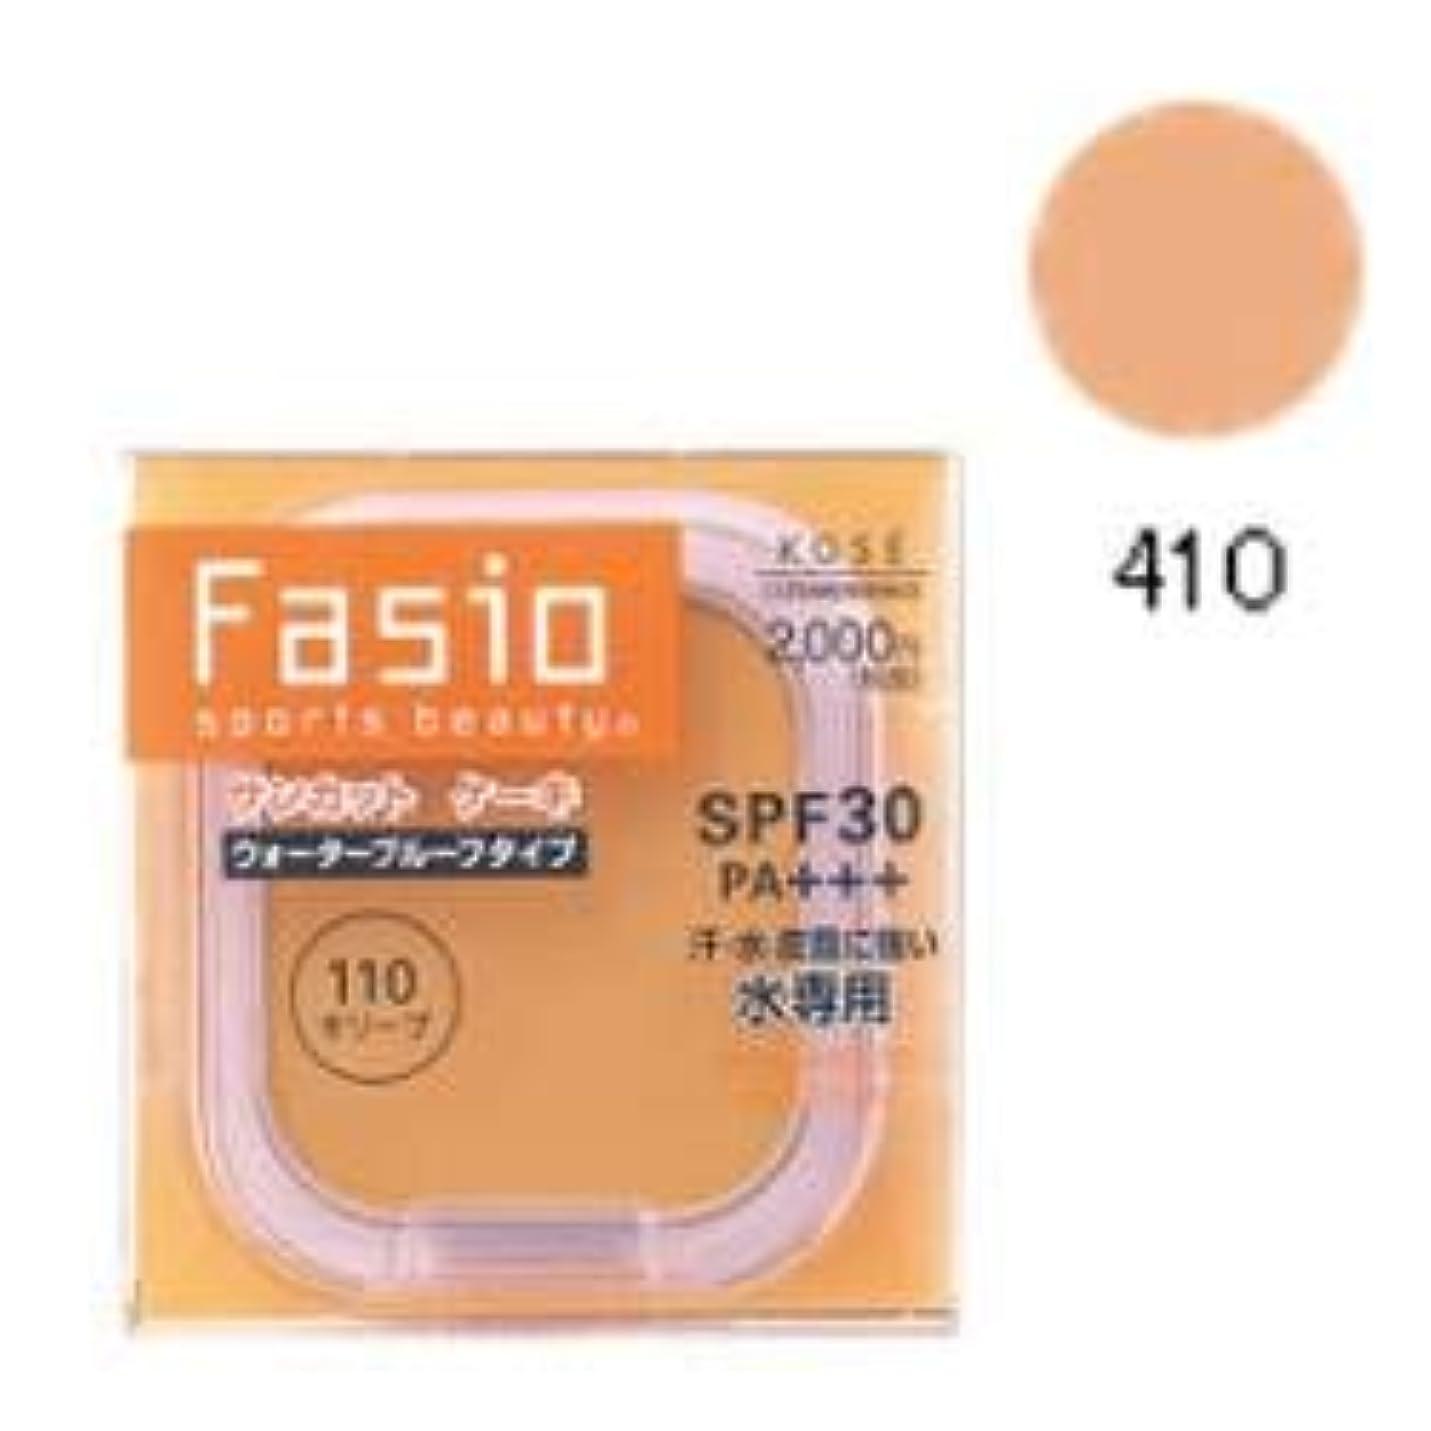 ルー句読点熱心なコーセー Fasio ファシオ サンカット ケーキ 詰め替え用 410